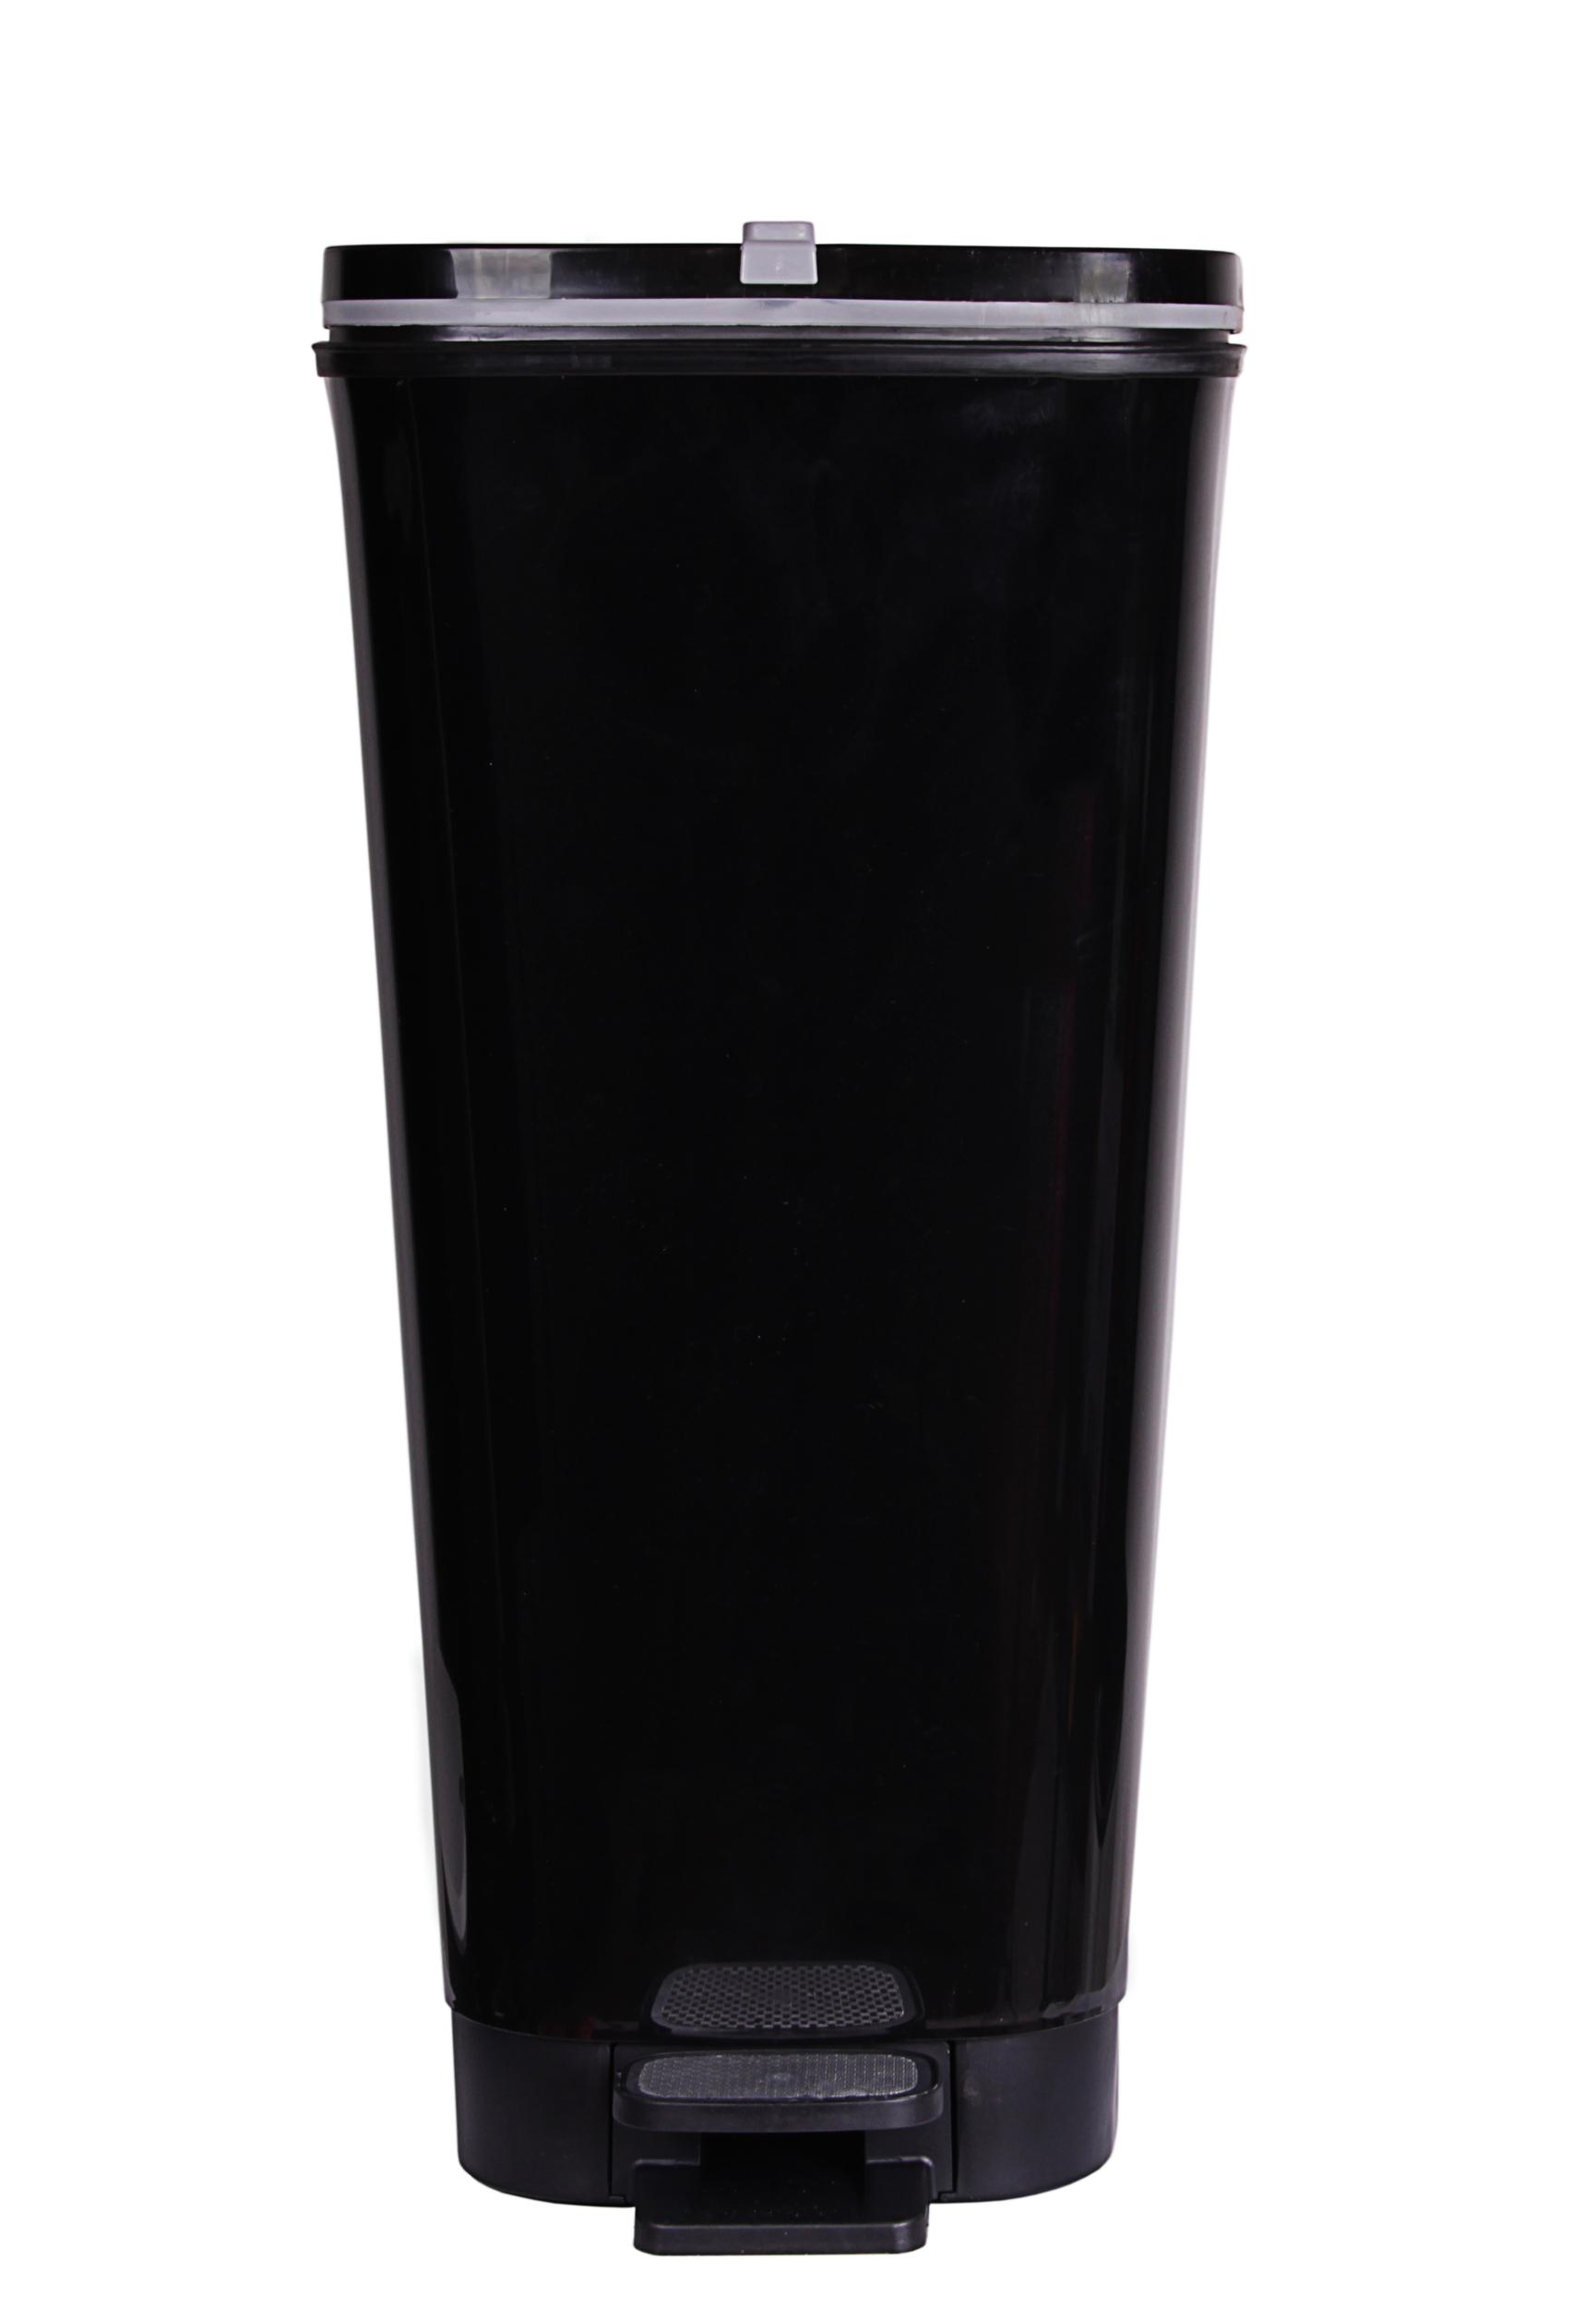 ondis24 abfalleimer m lleimer chic schwarz 45 liter. Black Bedroom Furniture Sets. Home Design Ideas